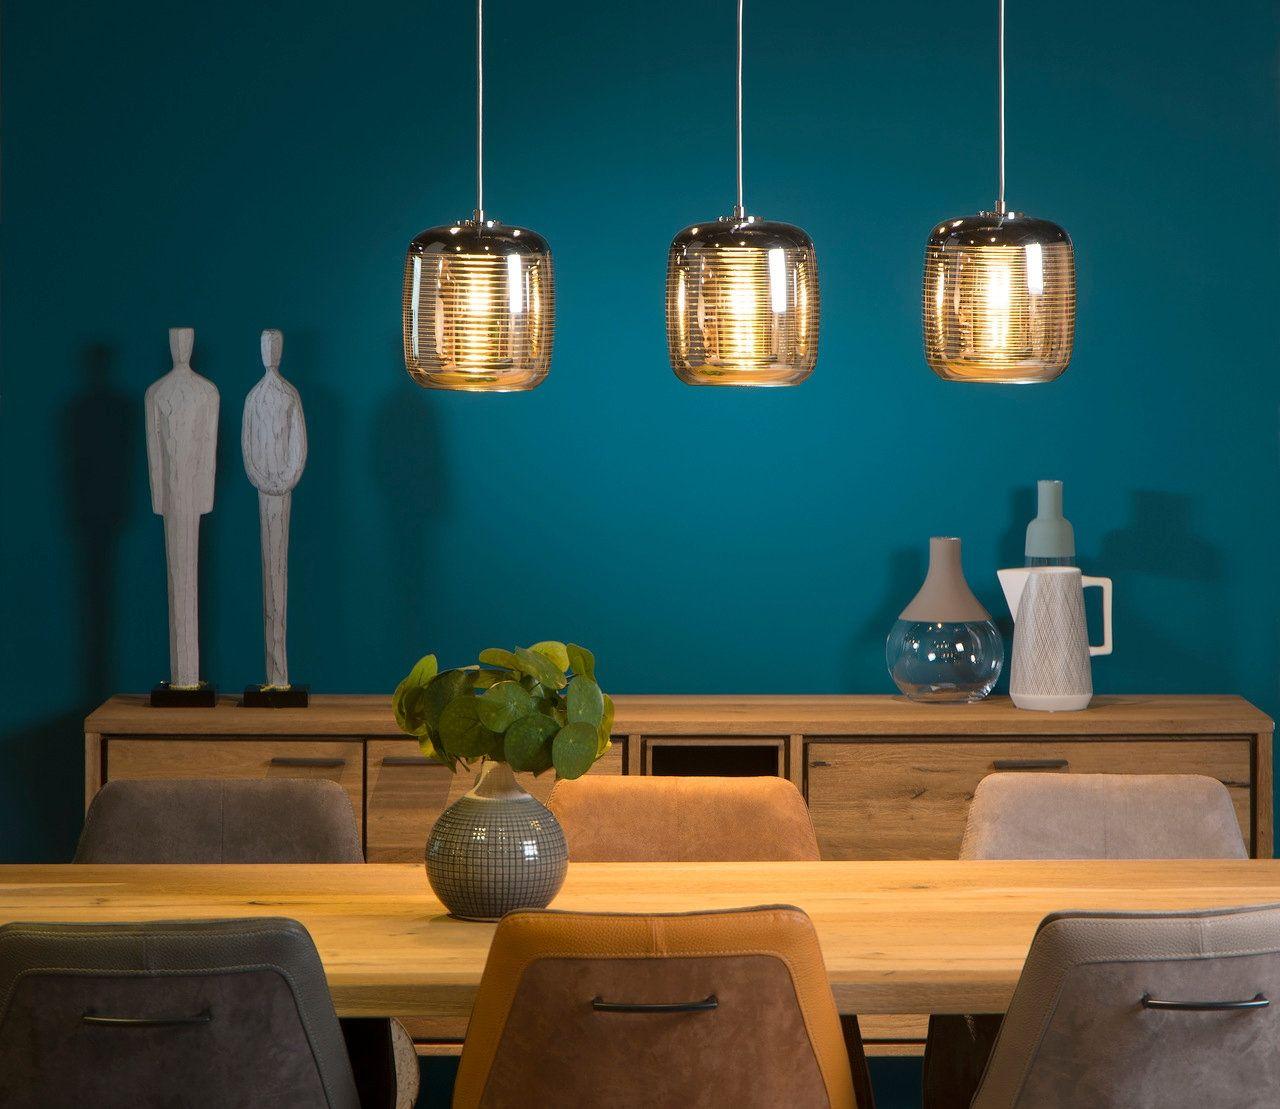 низковисящие лампы над обеденным столом